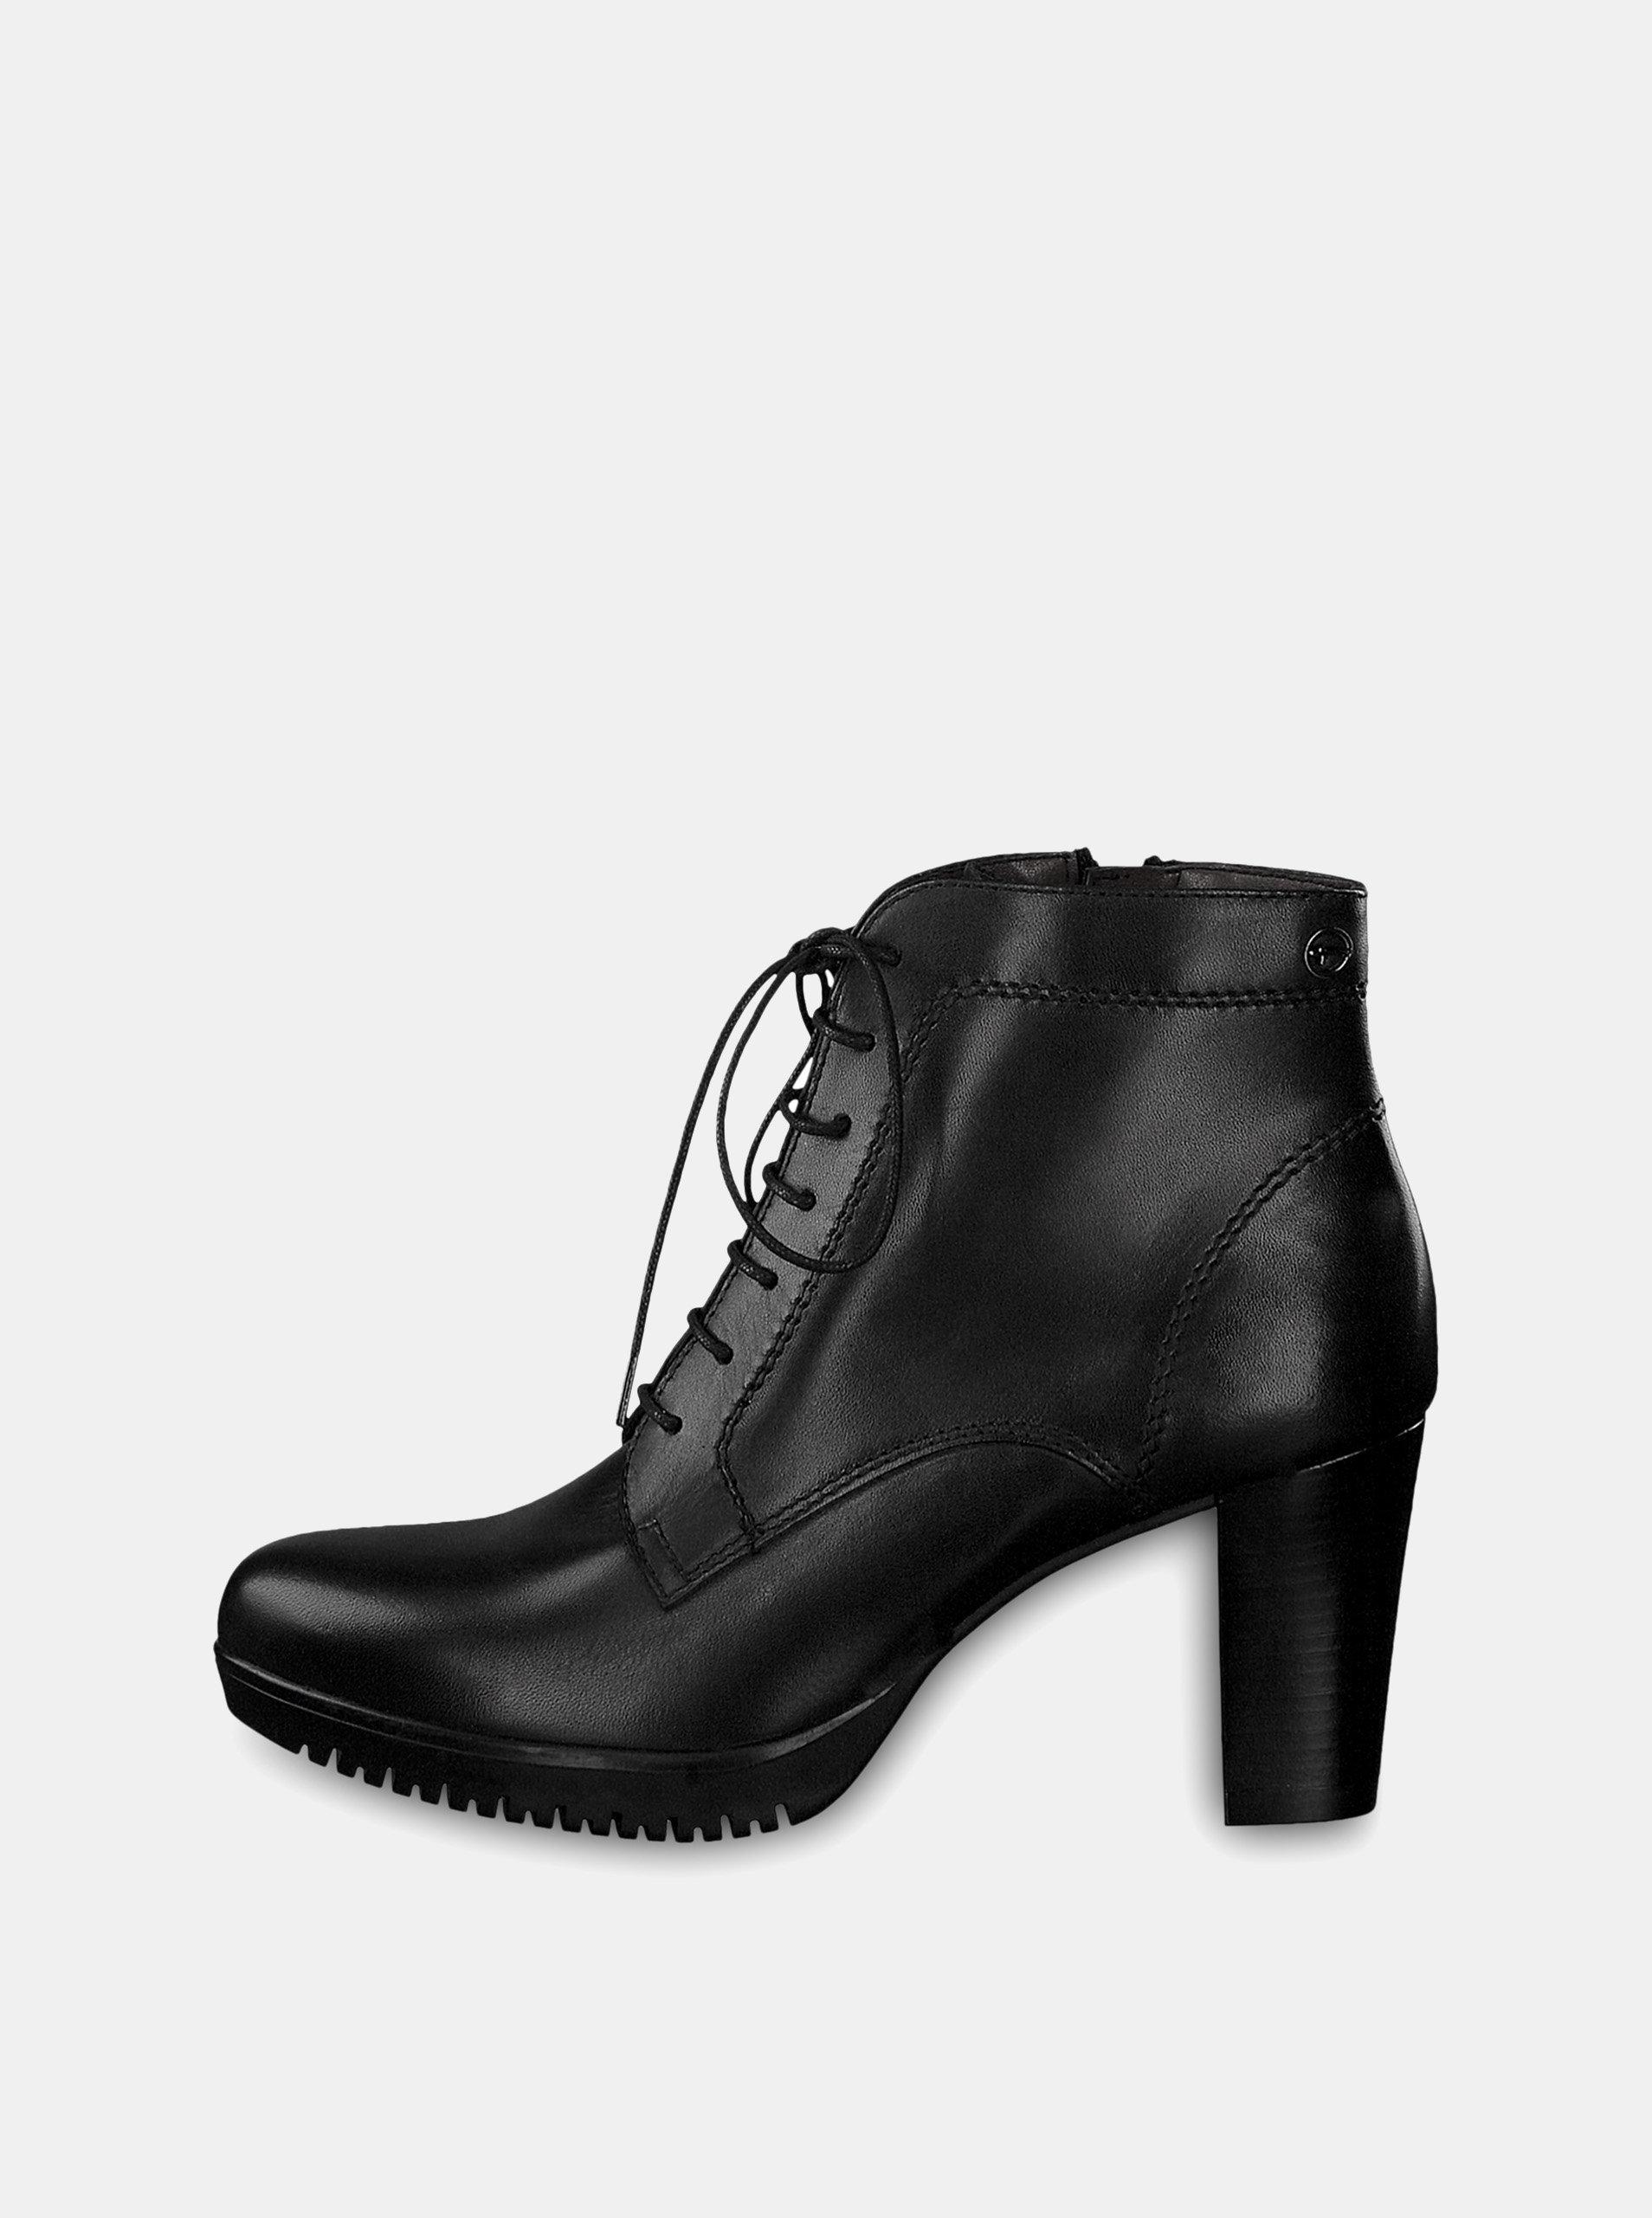 Čierne kožené členkové topánky na vysokom podpätku so šnurovaním Tamaris ... 3ffffdebd1d